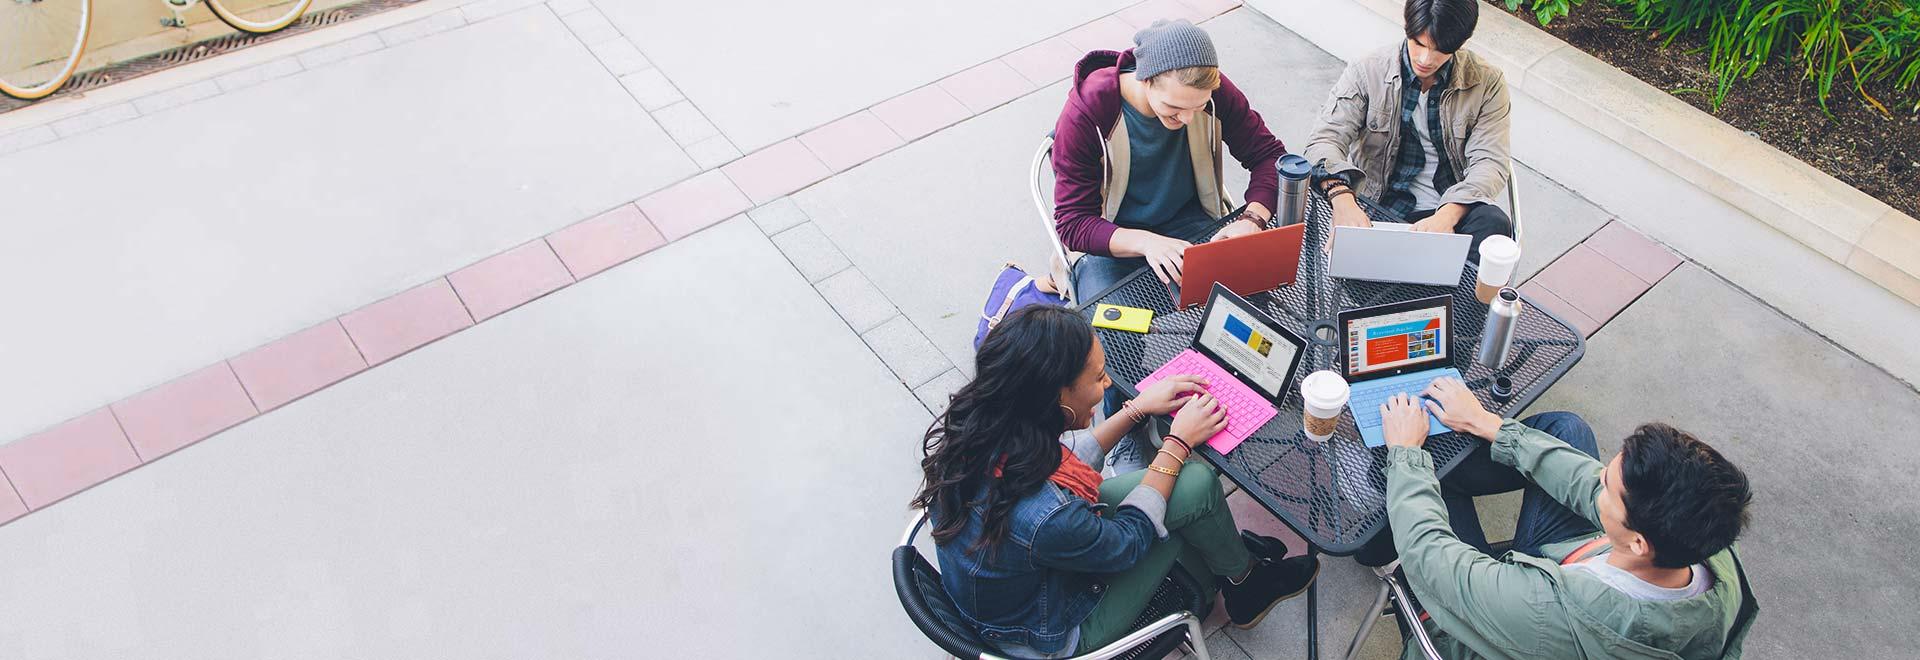 Neljä opiskelijaa istuu ulkona pöydän ääressä ja käyttää Office 365 Educationia tableteilla.